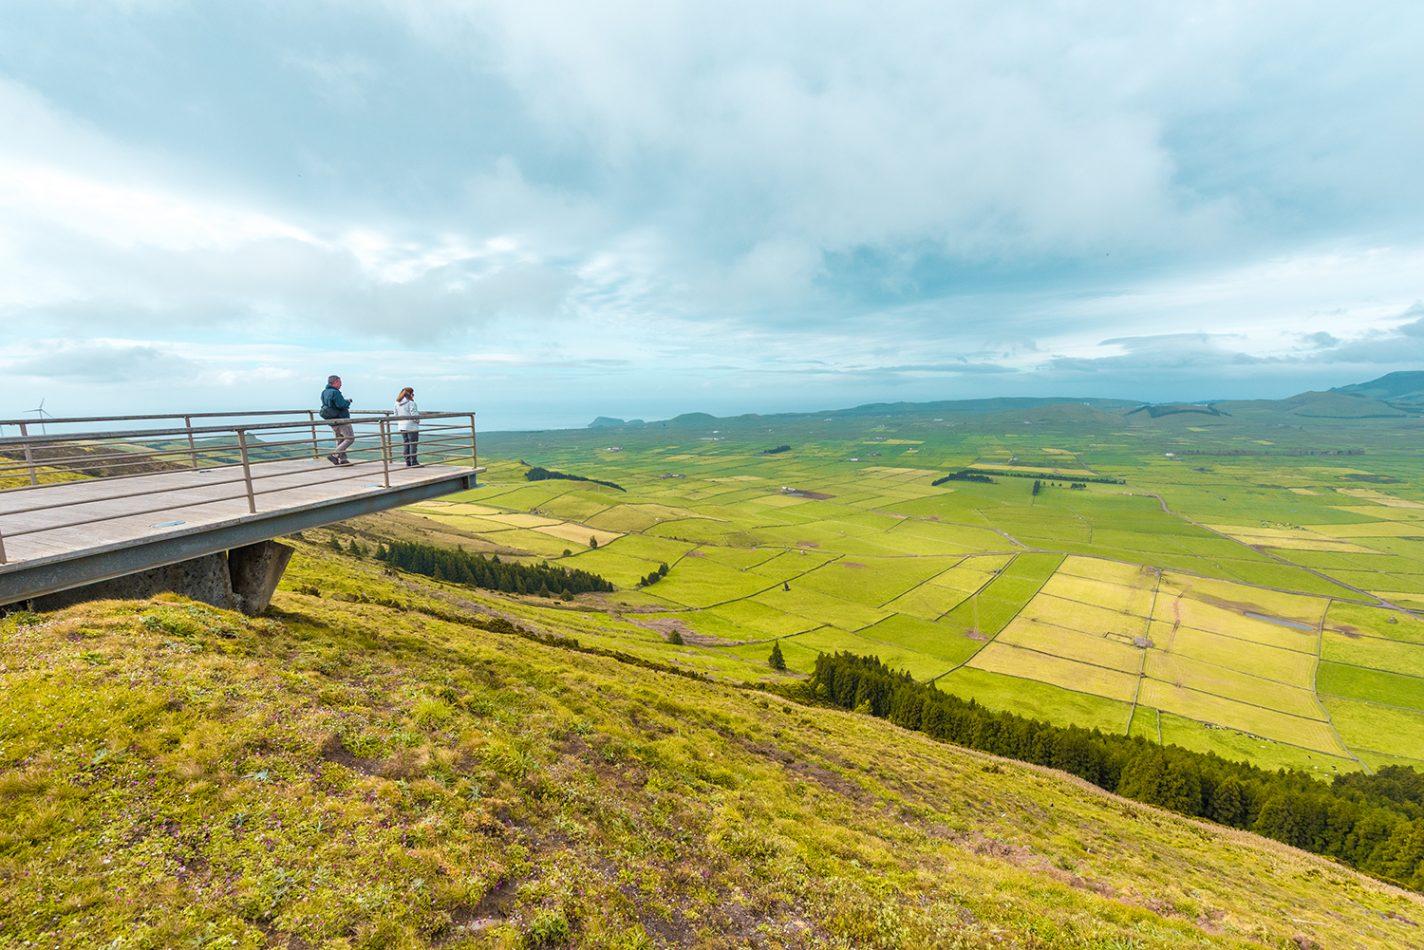 Serra da Cume - De 10 mooiste plekjes van de Azoren